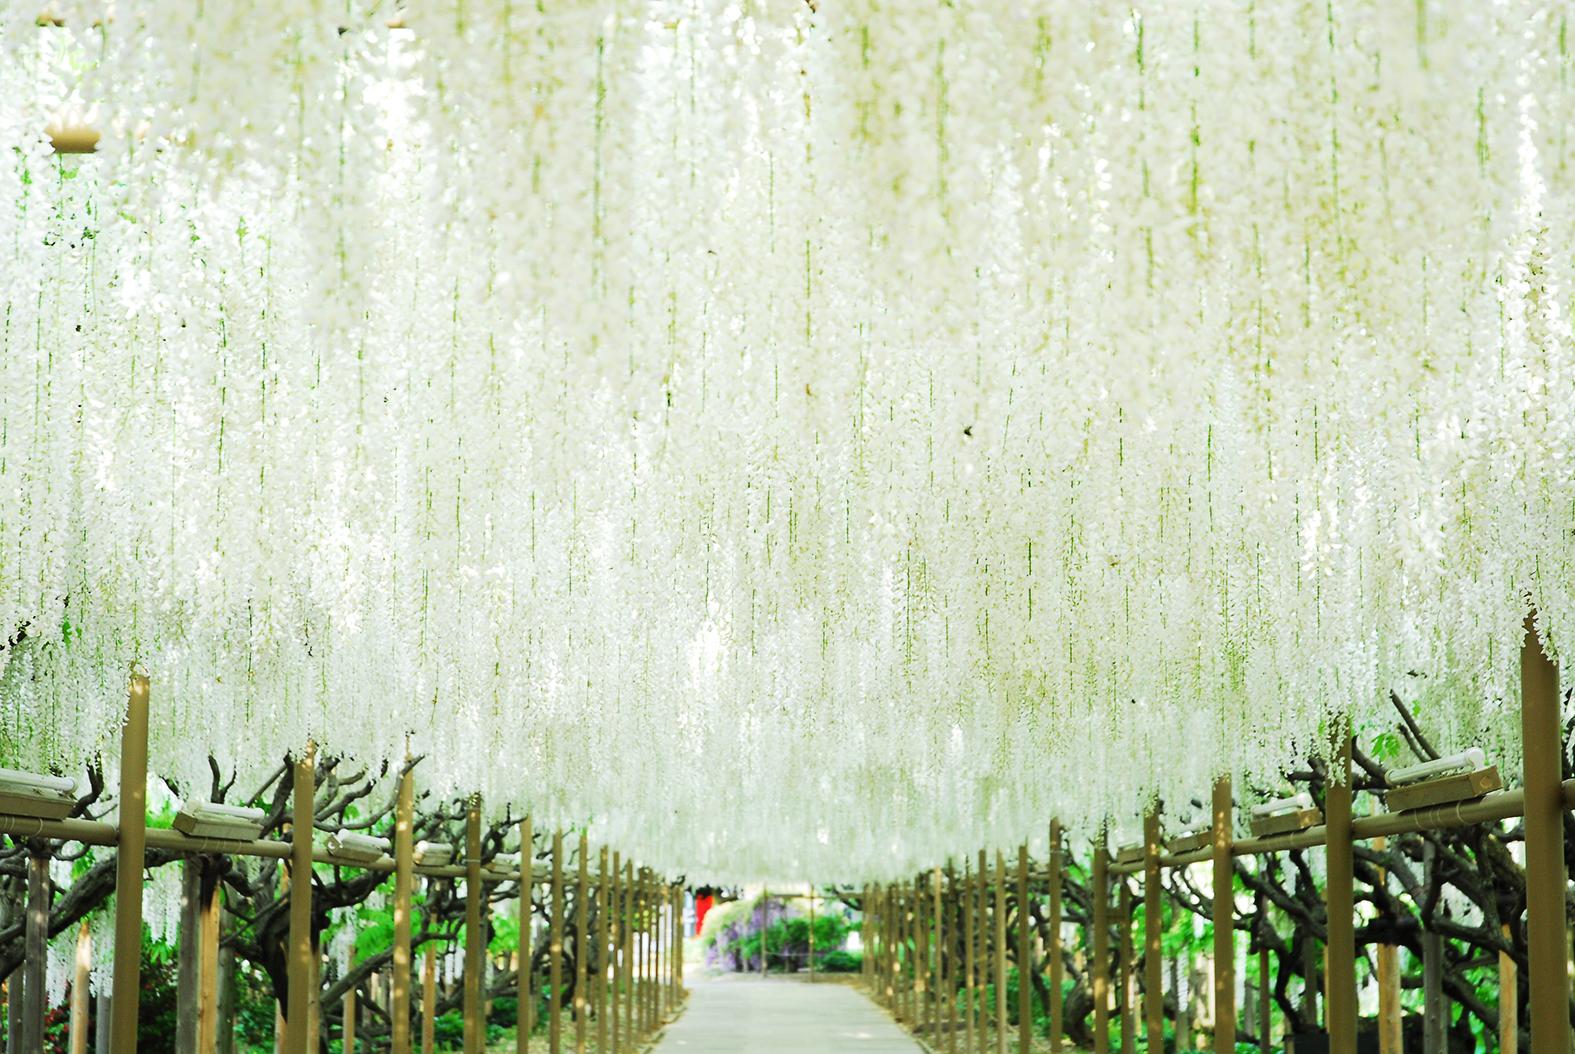 百花繚乱!須賀川牡丹園 & ライトアップの足利フラワーパーク